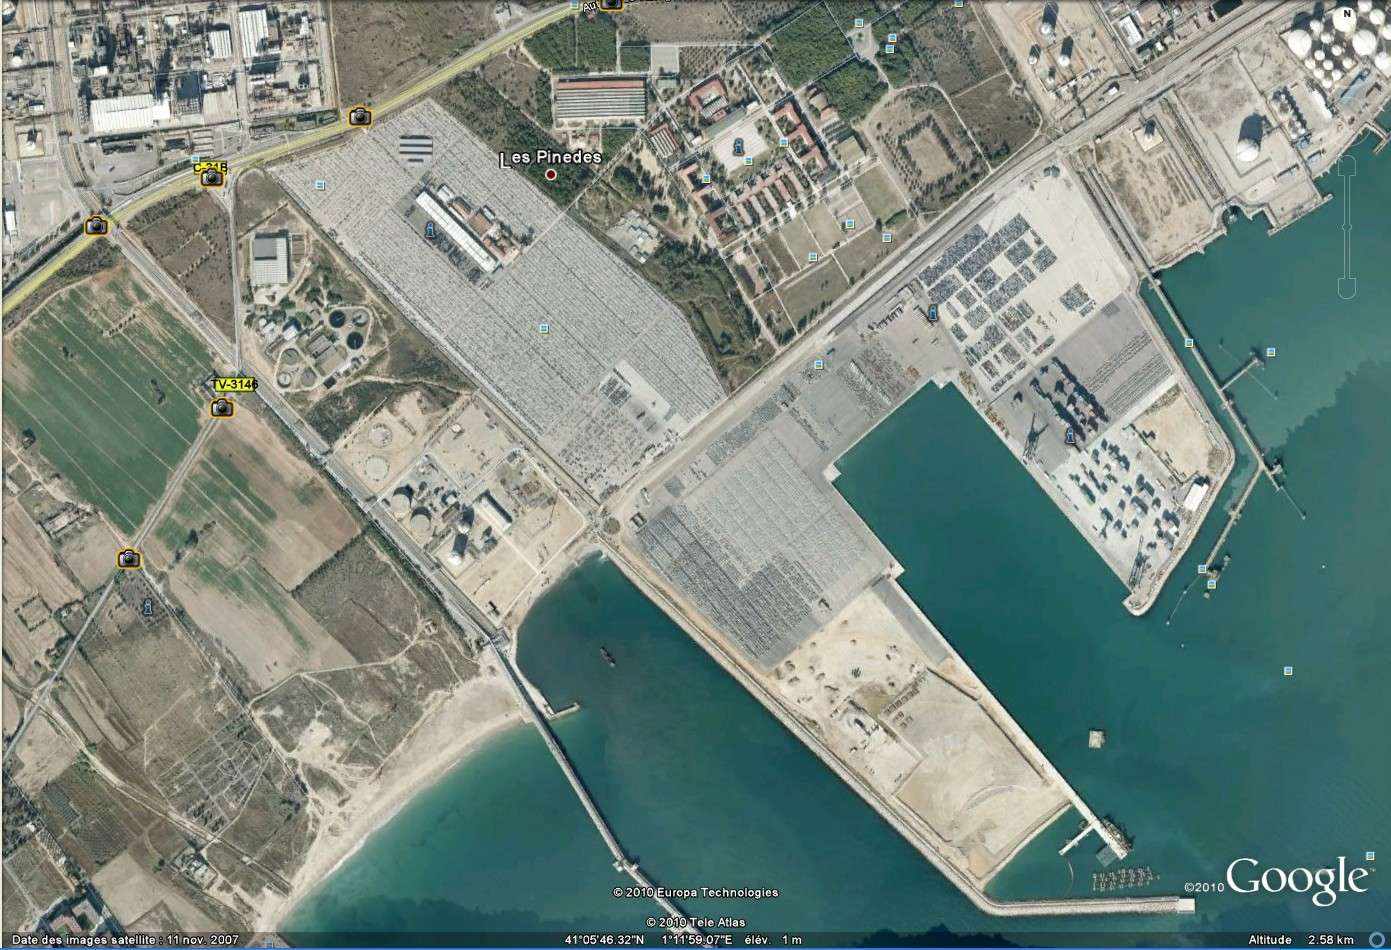 """plateforme d'import export automobile de """" Las Pinedes"""" à Tarragone, Espagne [Défi trouvé] - Page 2 Tarrag10"""